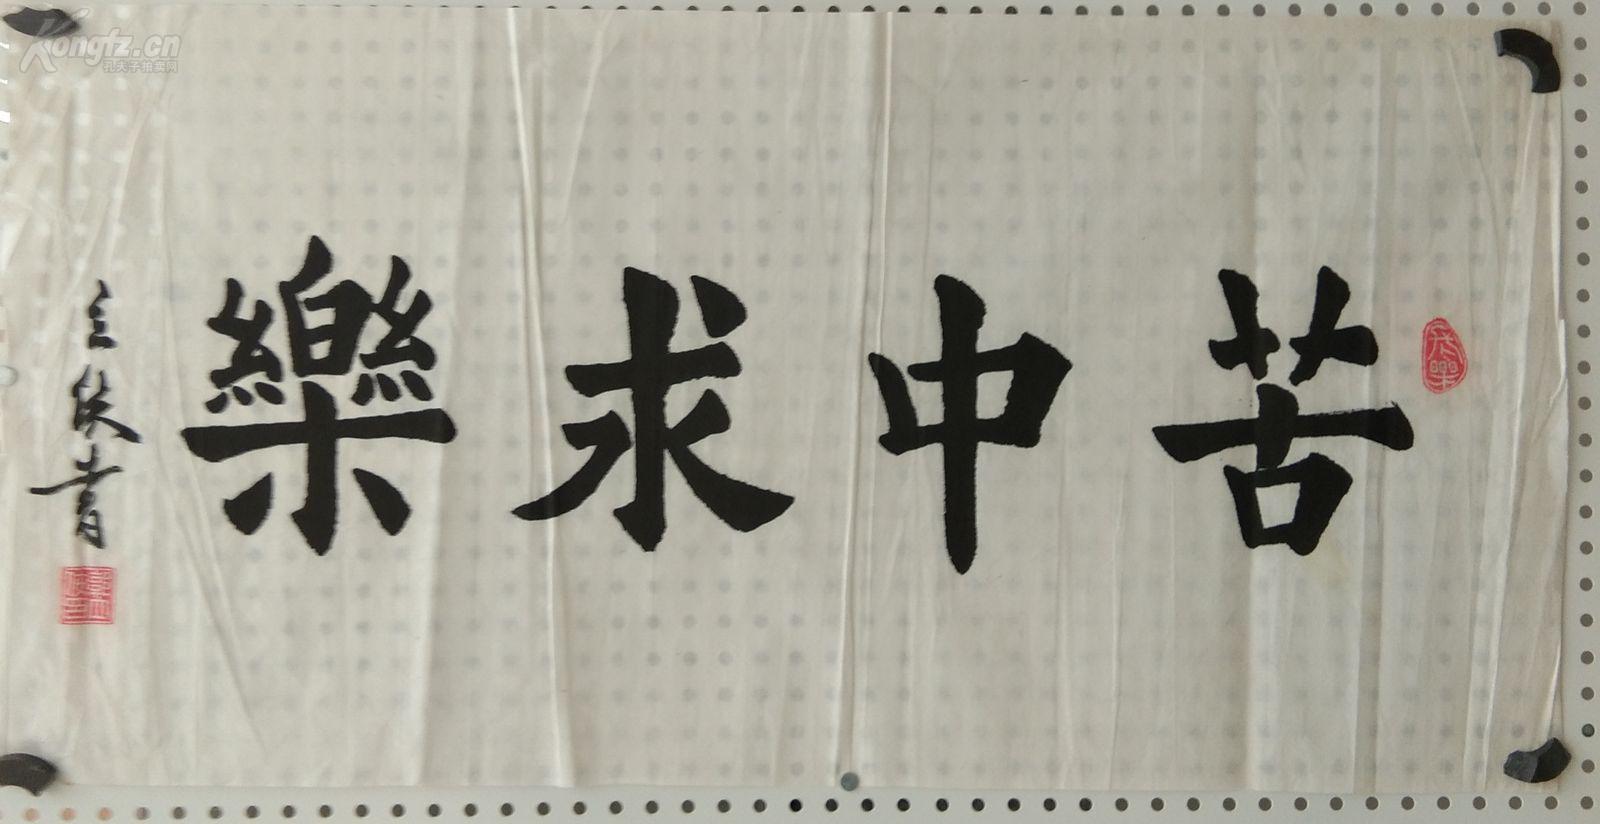 拜著名书法家大康先生为师系统学习书法篆刻,书法以楷行草为主,尤善图片